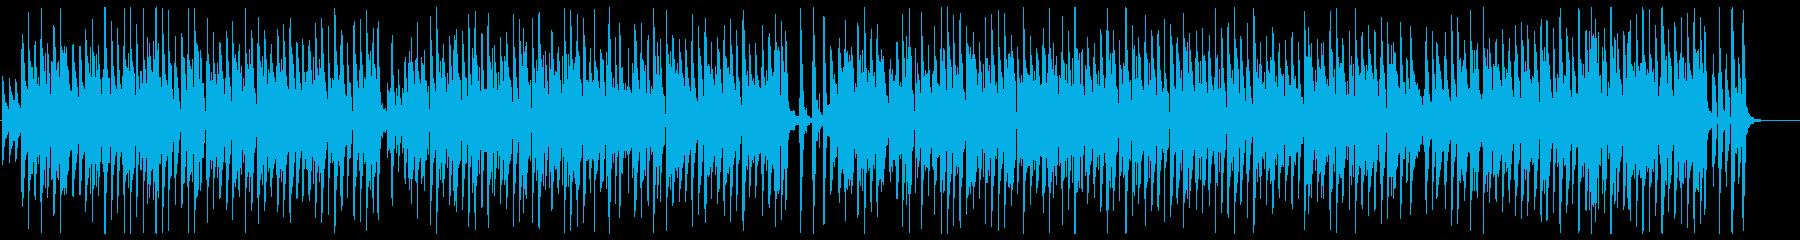 おしゃれで和むピアノメロディーの再生済みの波形